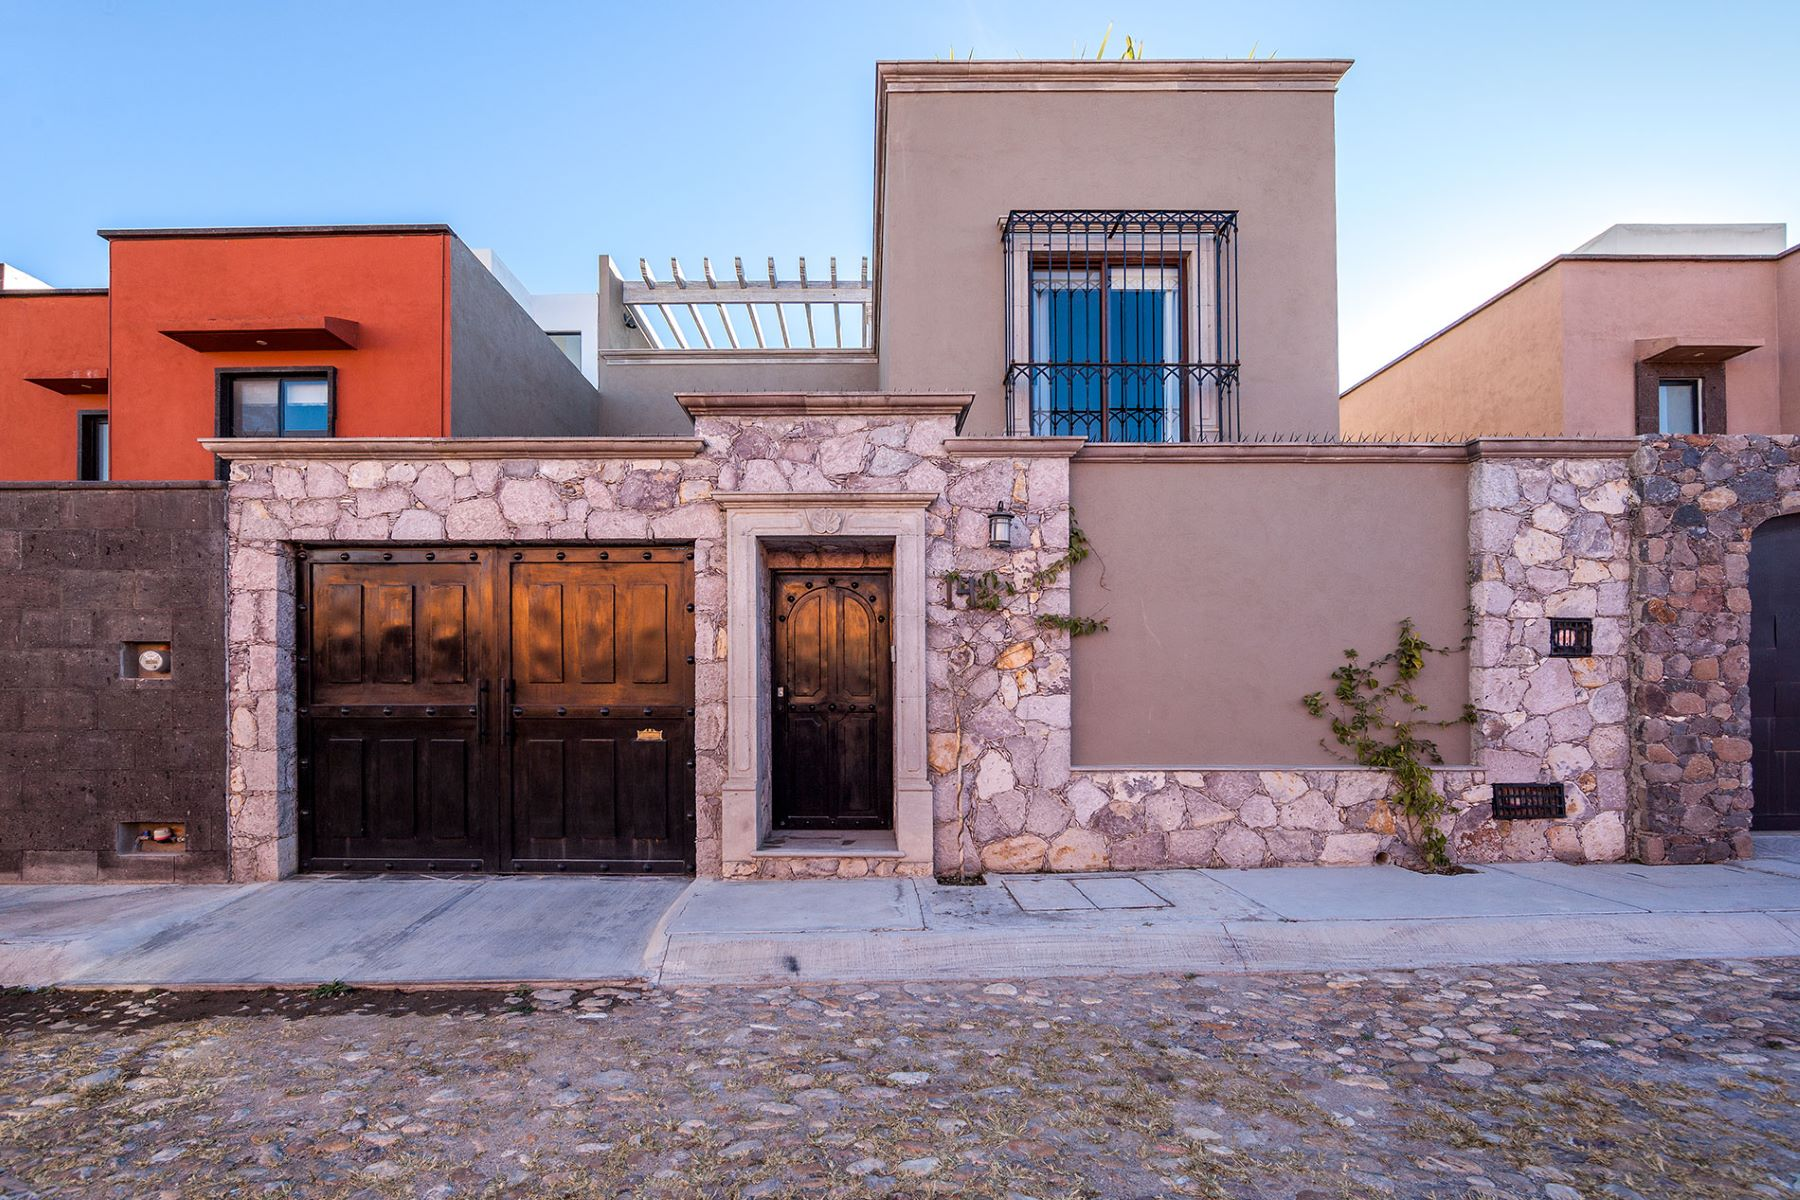 独户住宅 为 销售 在 Tormentosa Tormentosa 14 Paseo Real, 圣米格尔, 瓜纳华托, 37700 墨西哥